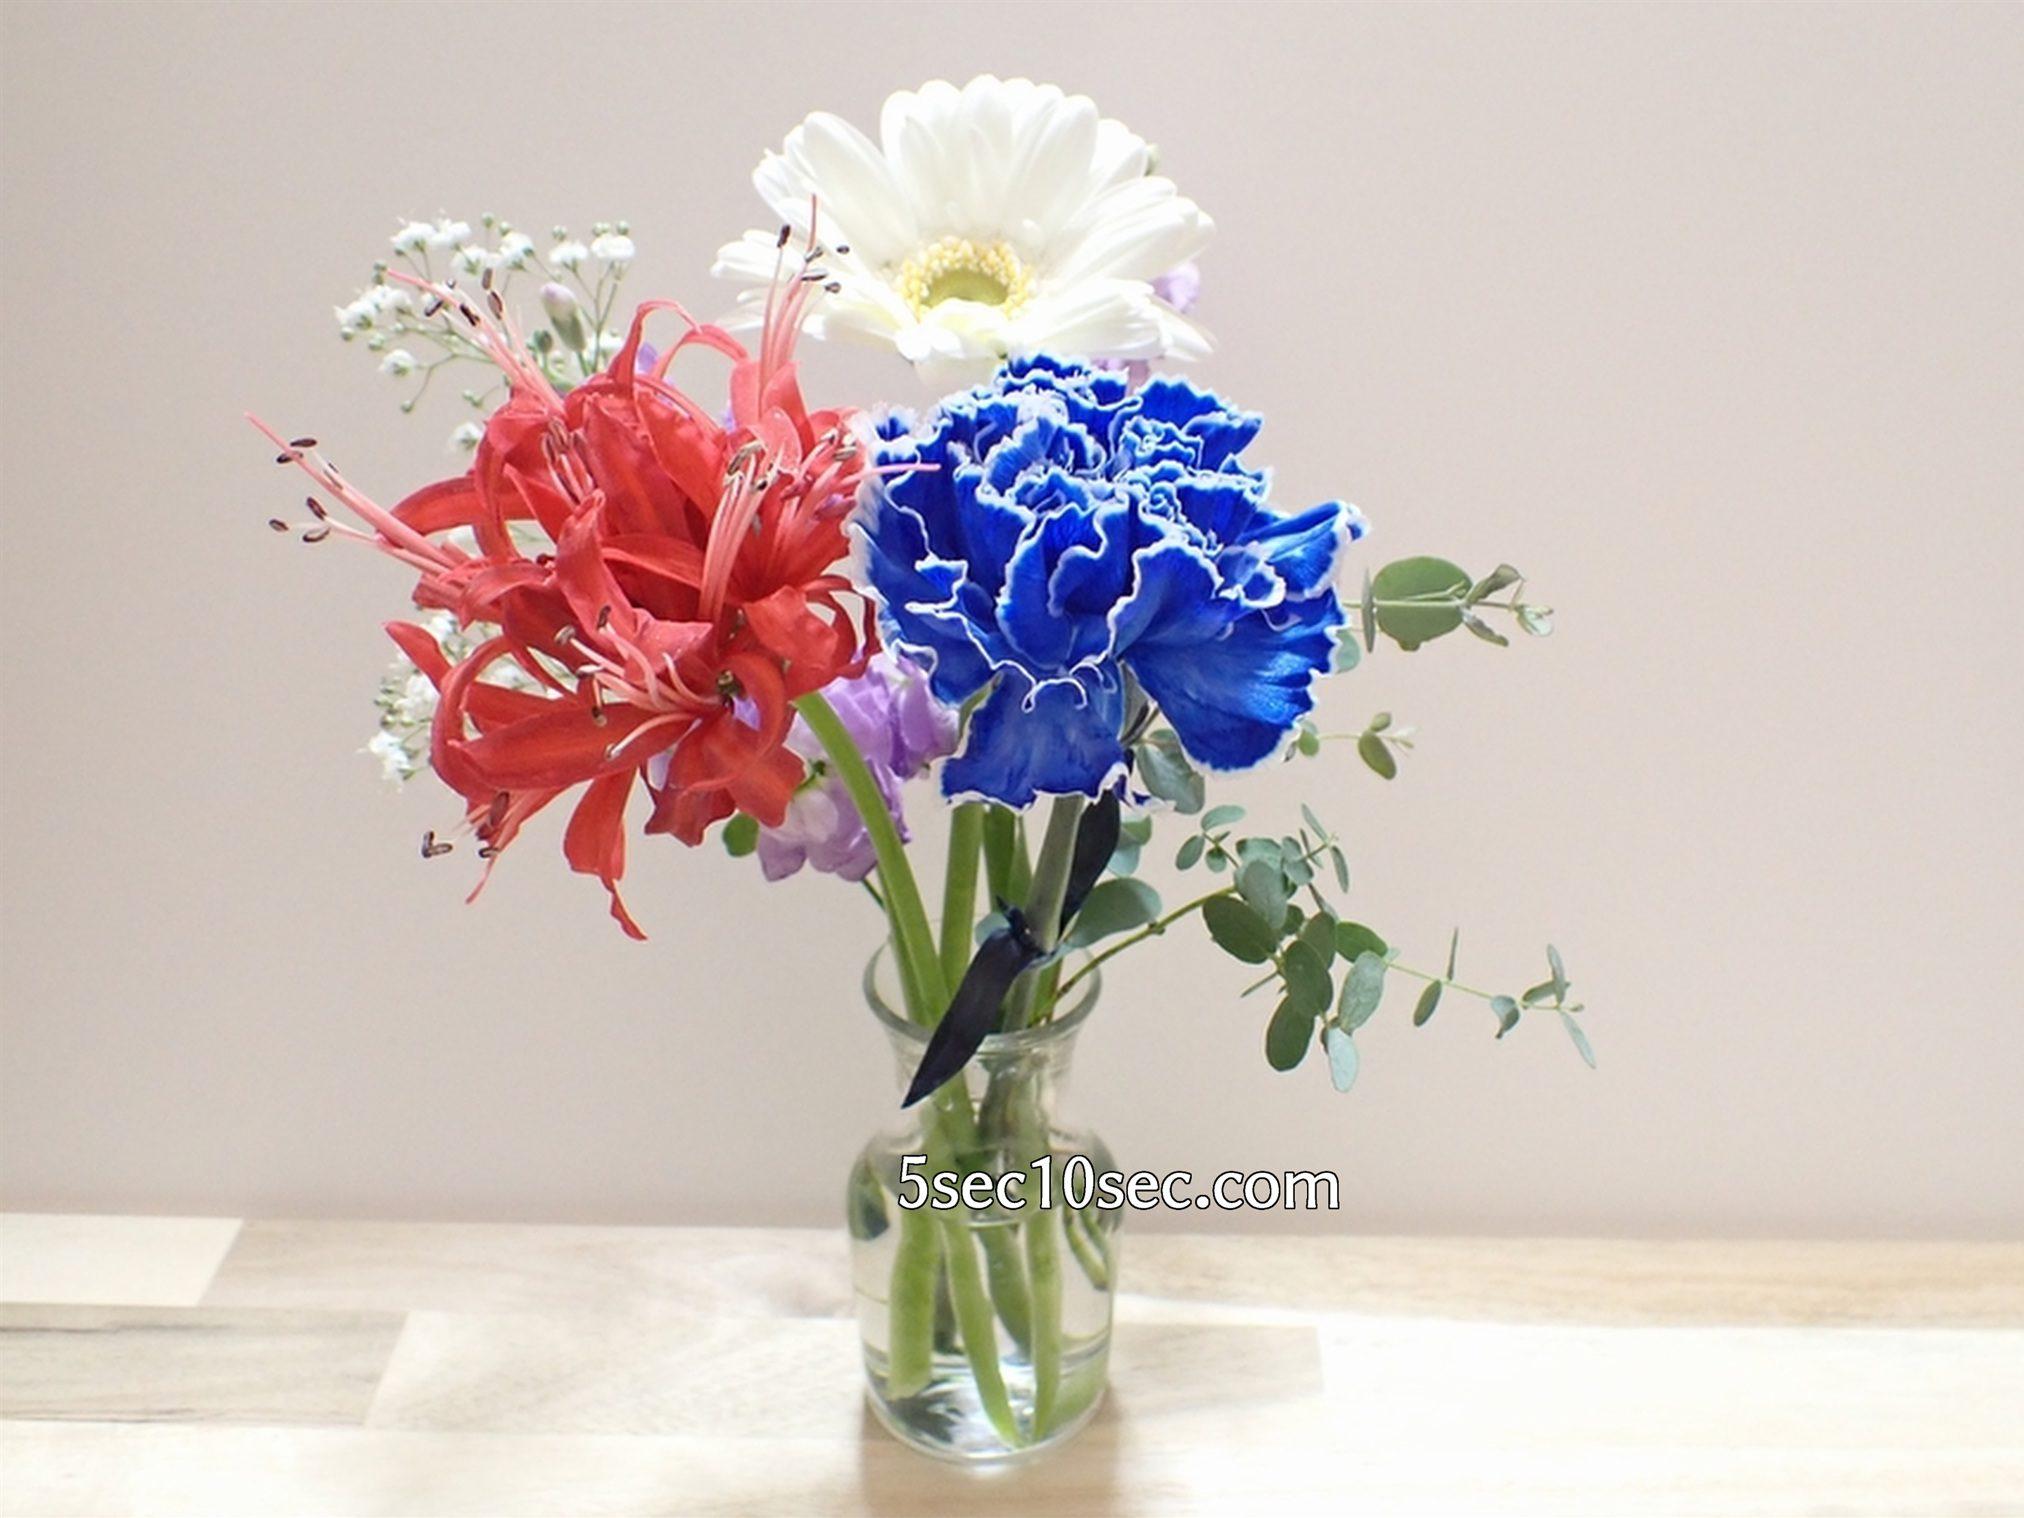 株式会社Crunch Style お花の定期便 Bloomee LIFE ブルーミーライフ 800円のレギュラープラン 3回目に届いたお花です、届いた1日目の写真、届いた時から元気です